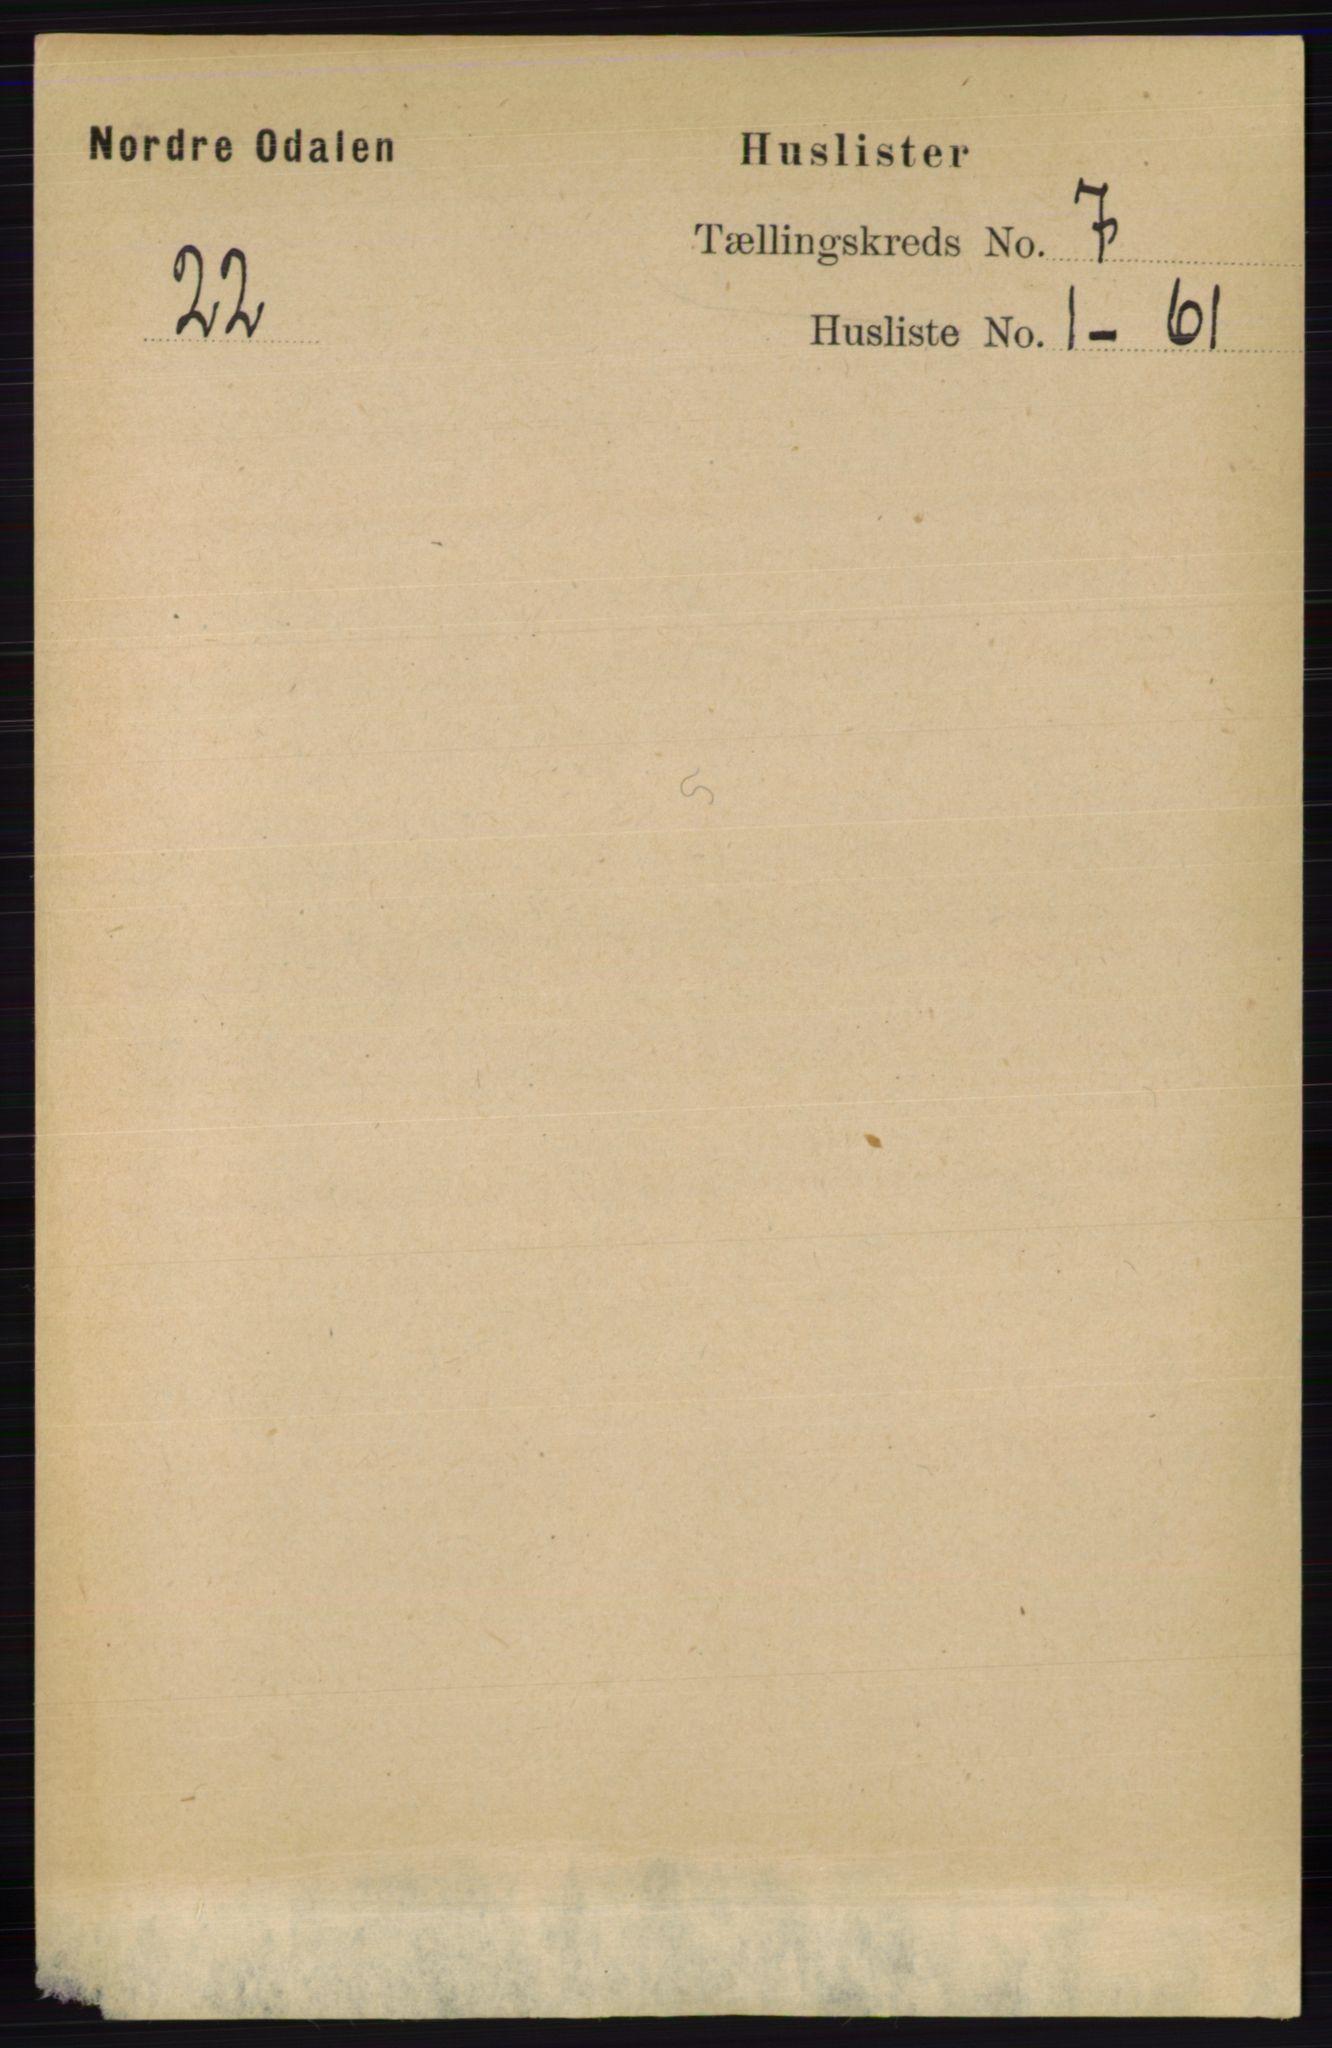 RA, Folketelling 1891 for 0418 Nord-Odal herred, 1891, s. 2771